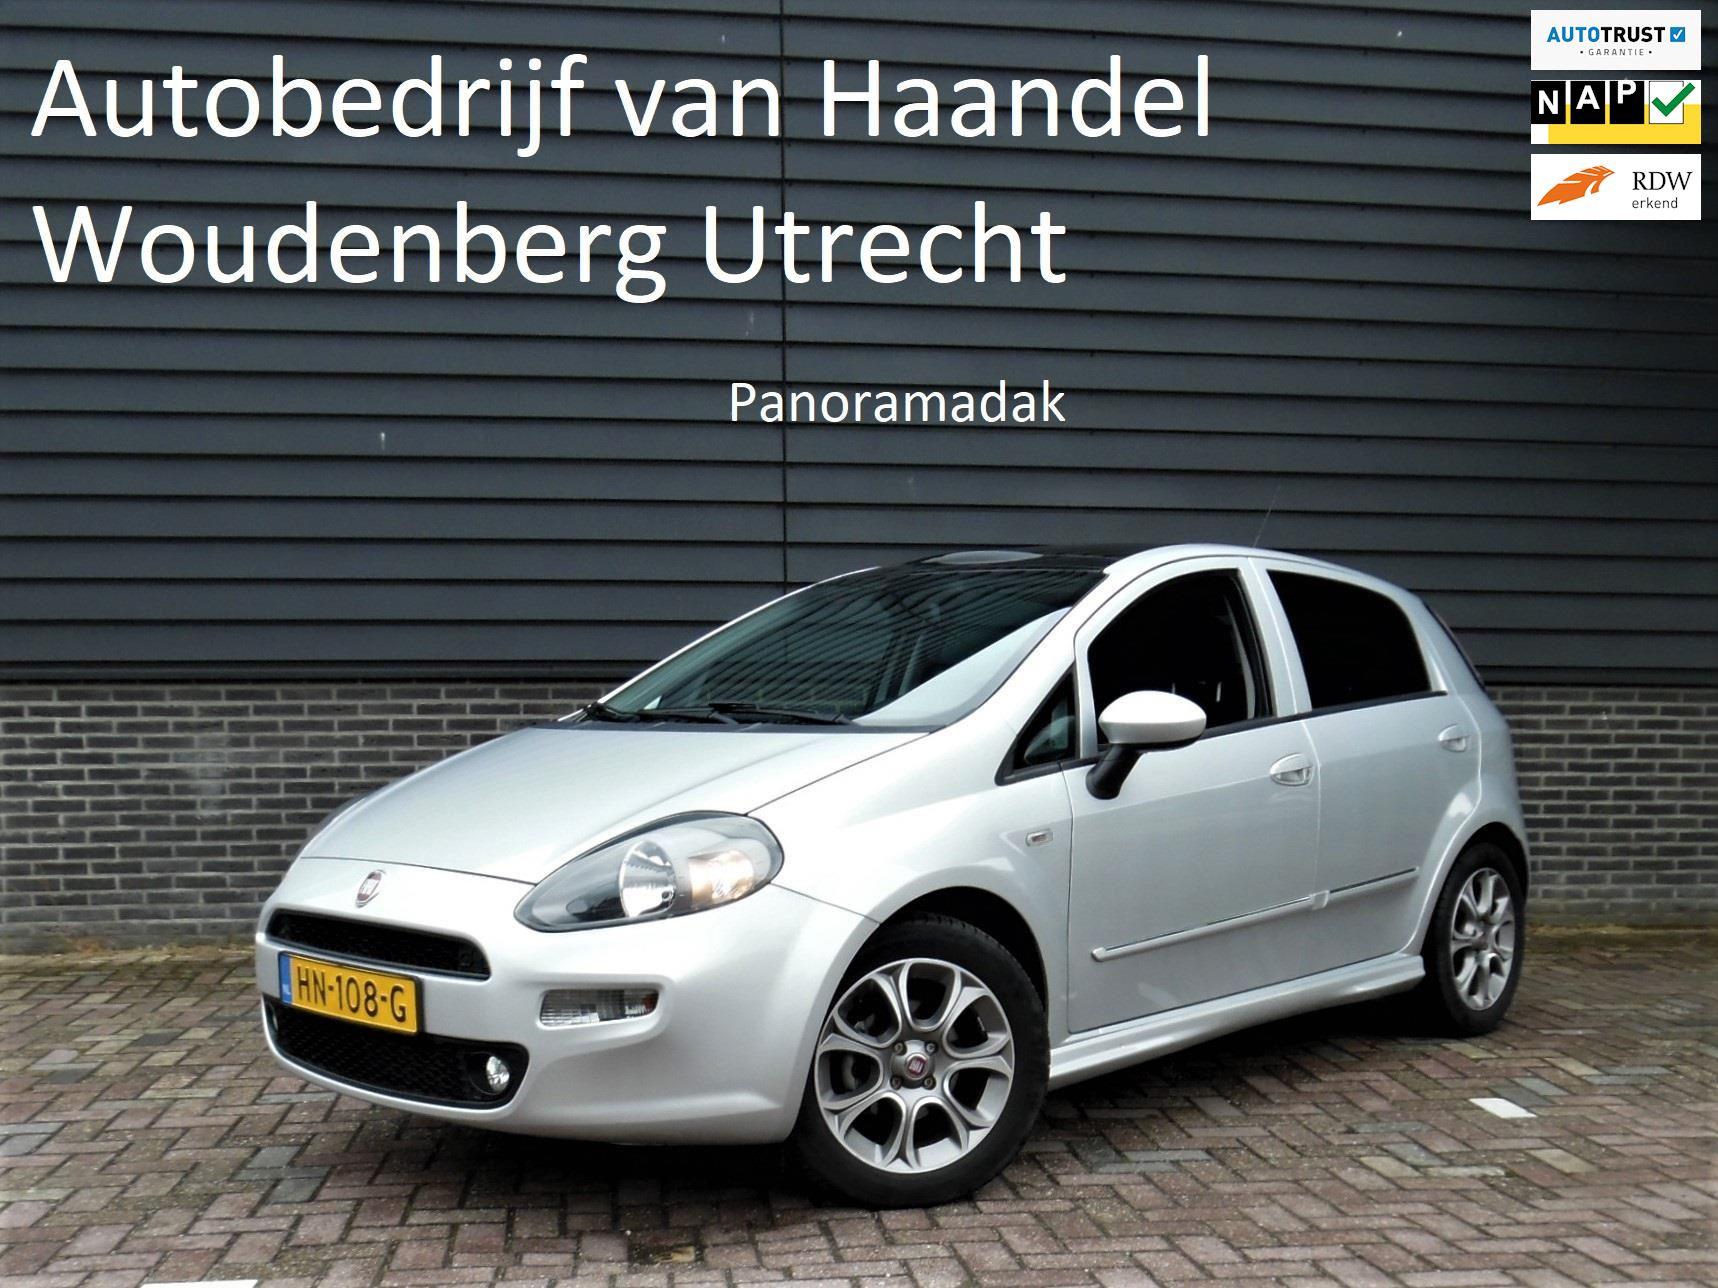 Fiat Punto Evo occasion - Autobedrijf Gerard van Haandel